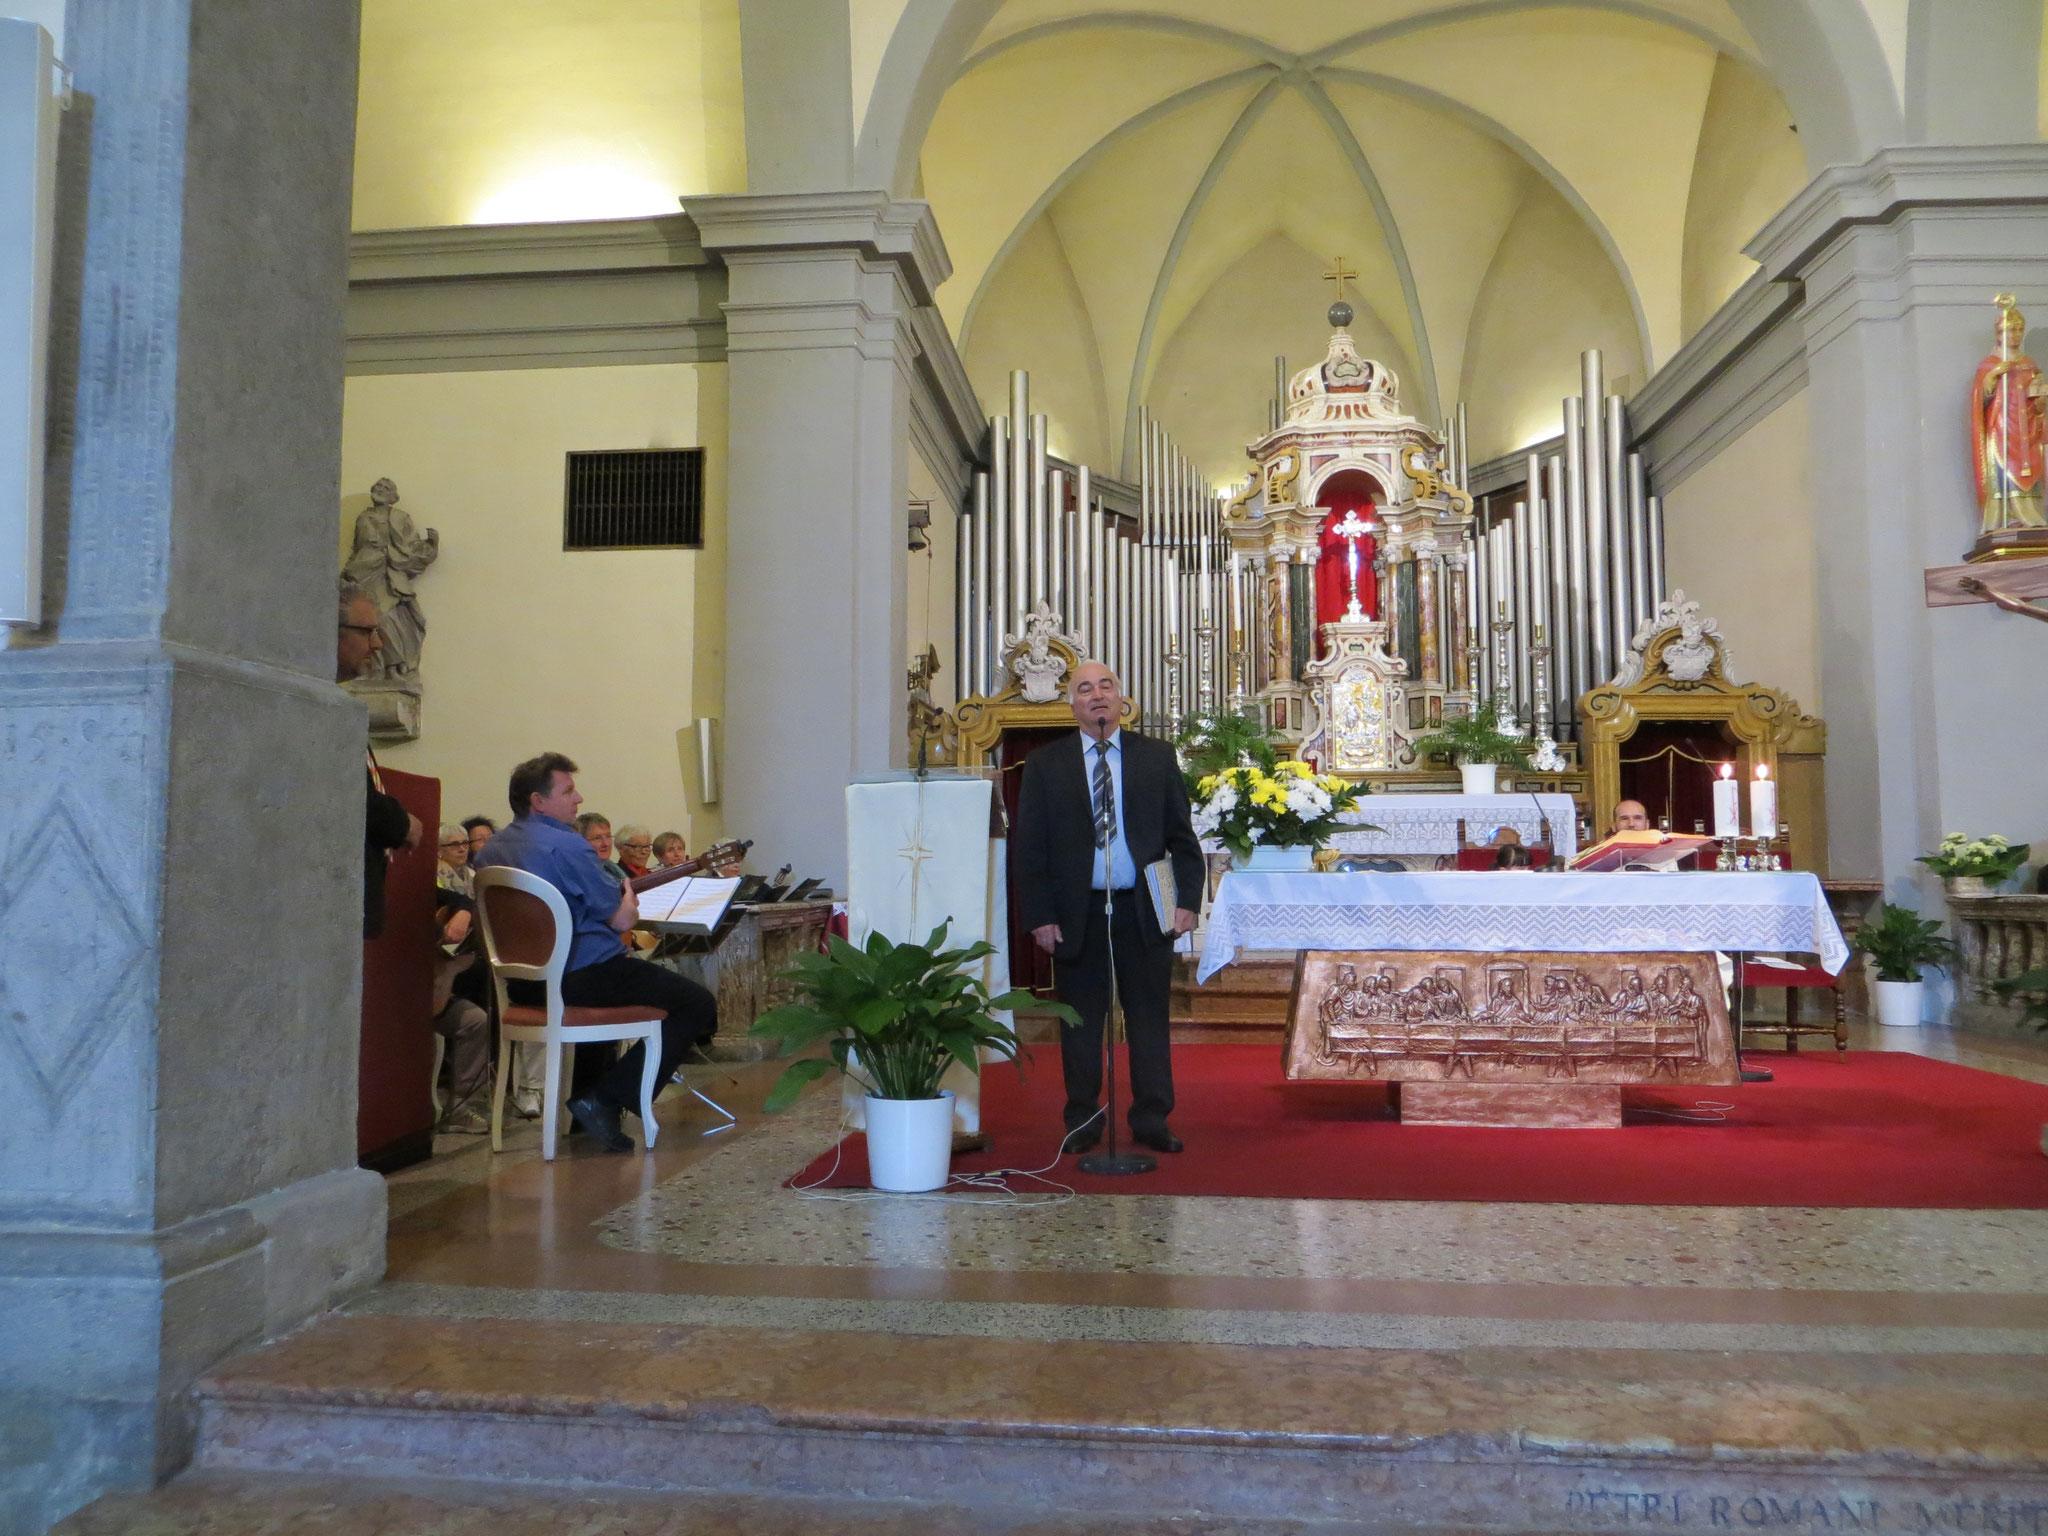 Ansprache des Vizepräsidenten der DIG Luigi Buonandonna